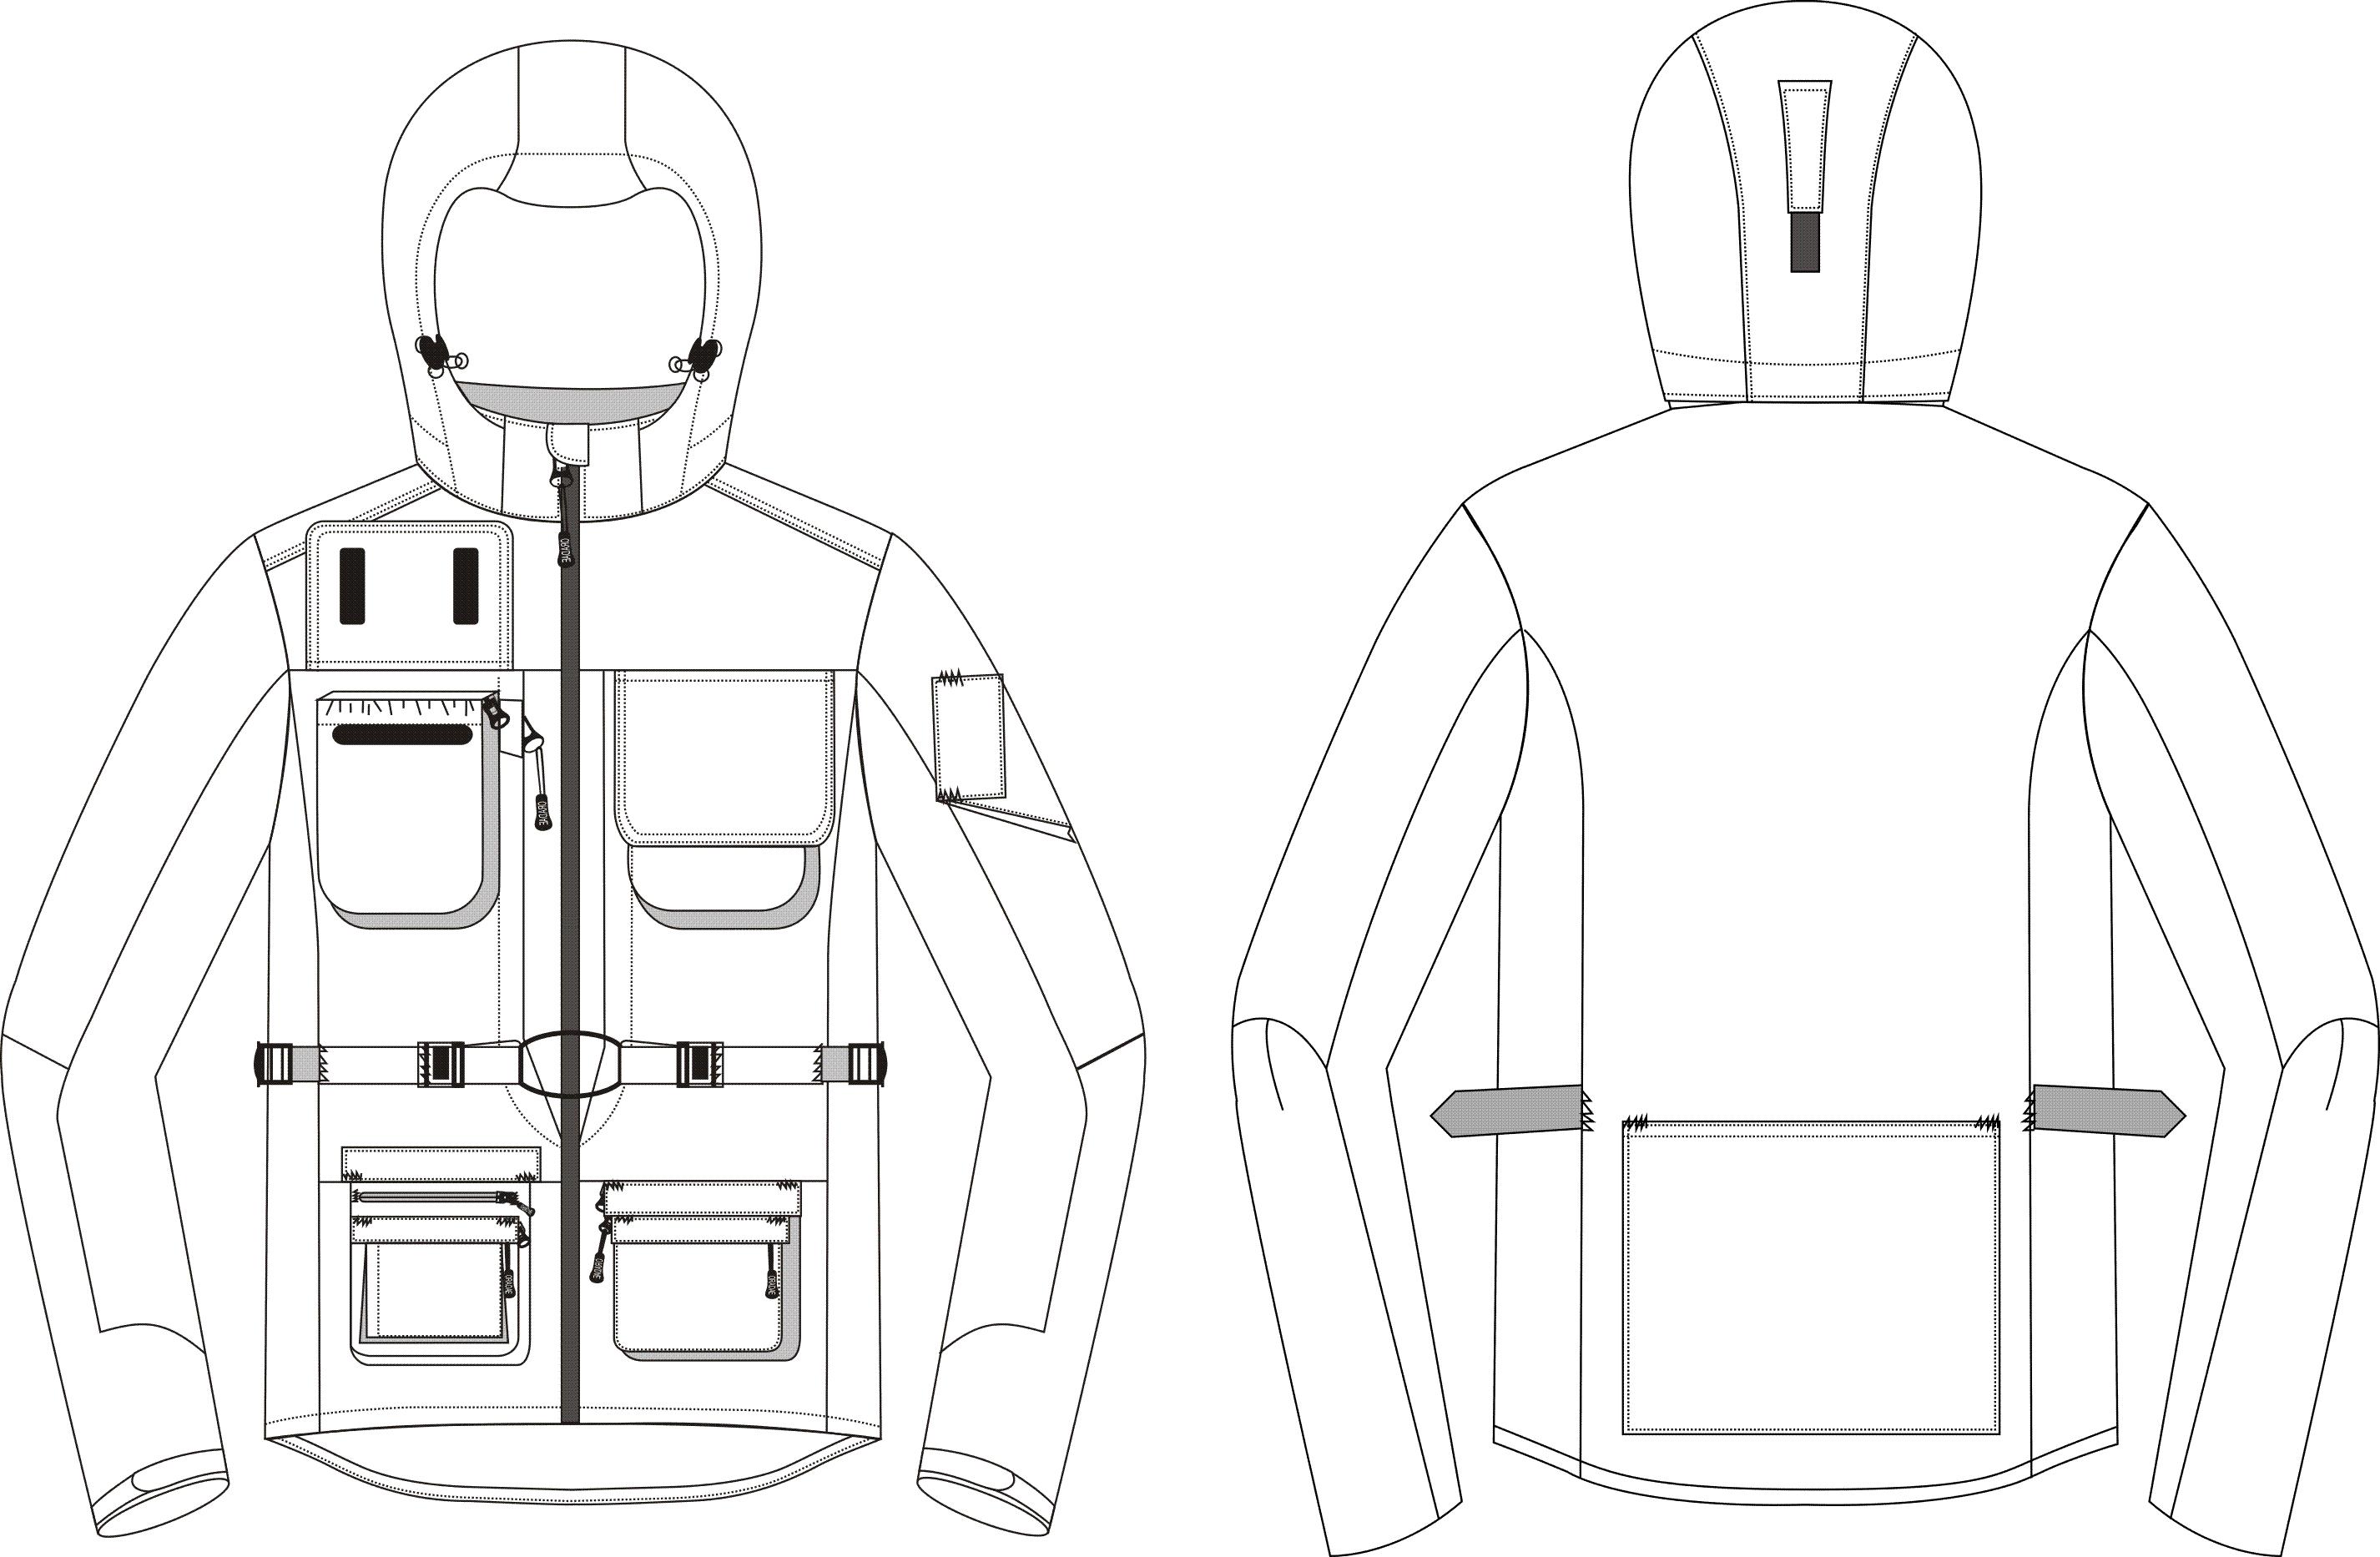 服装手绘效果图|运动服饰|服装|陈大英cy - 原创设计